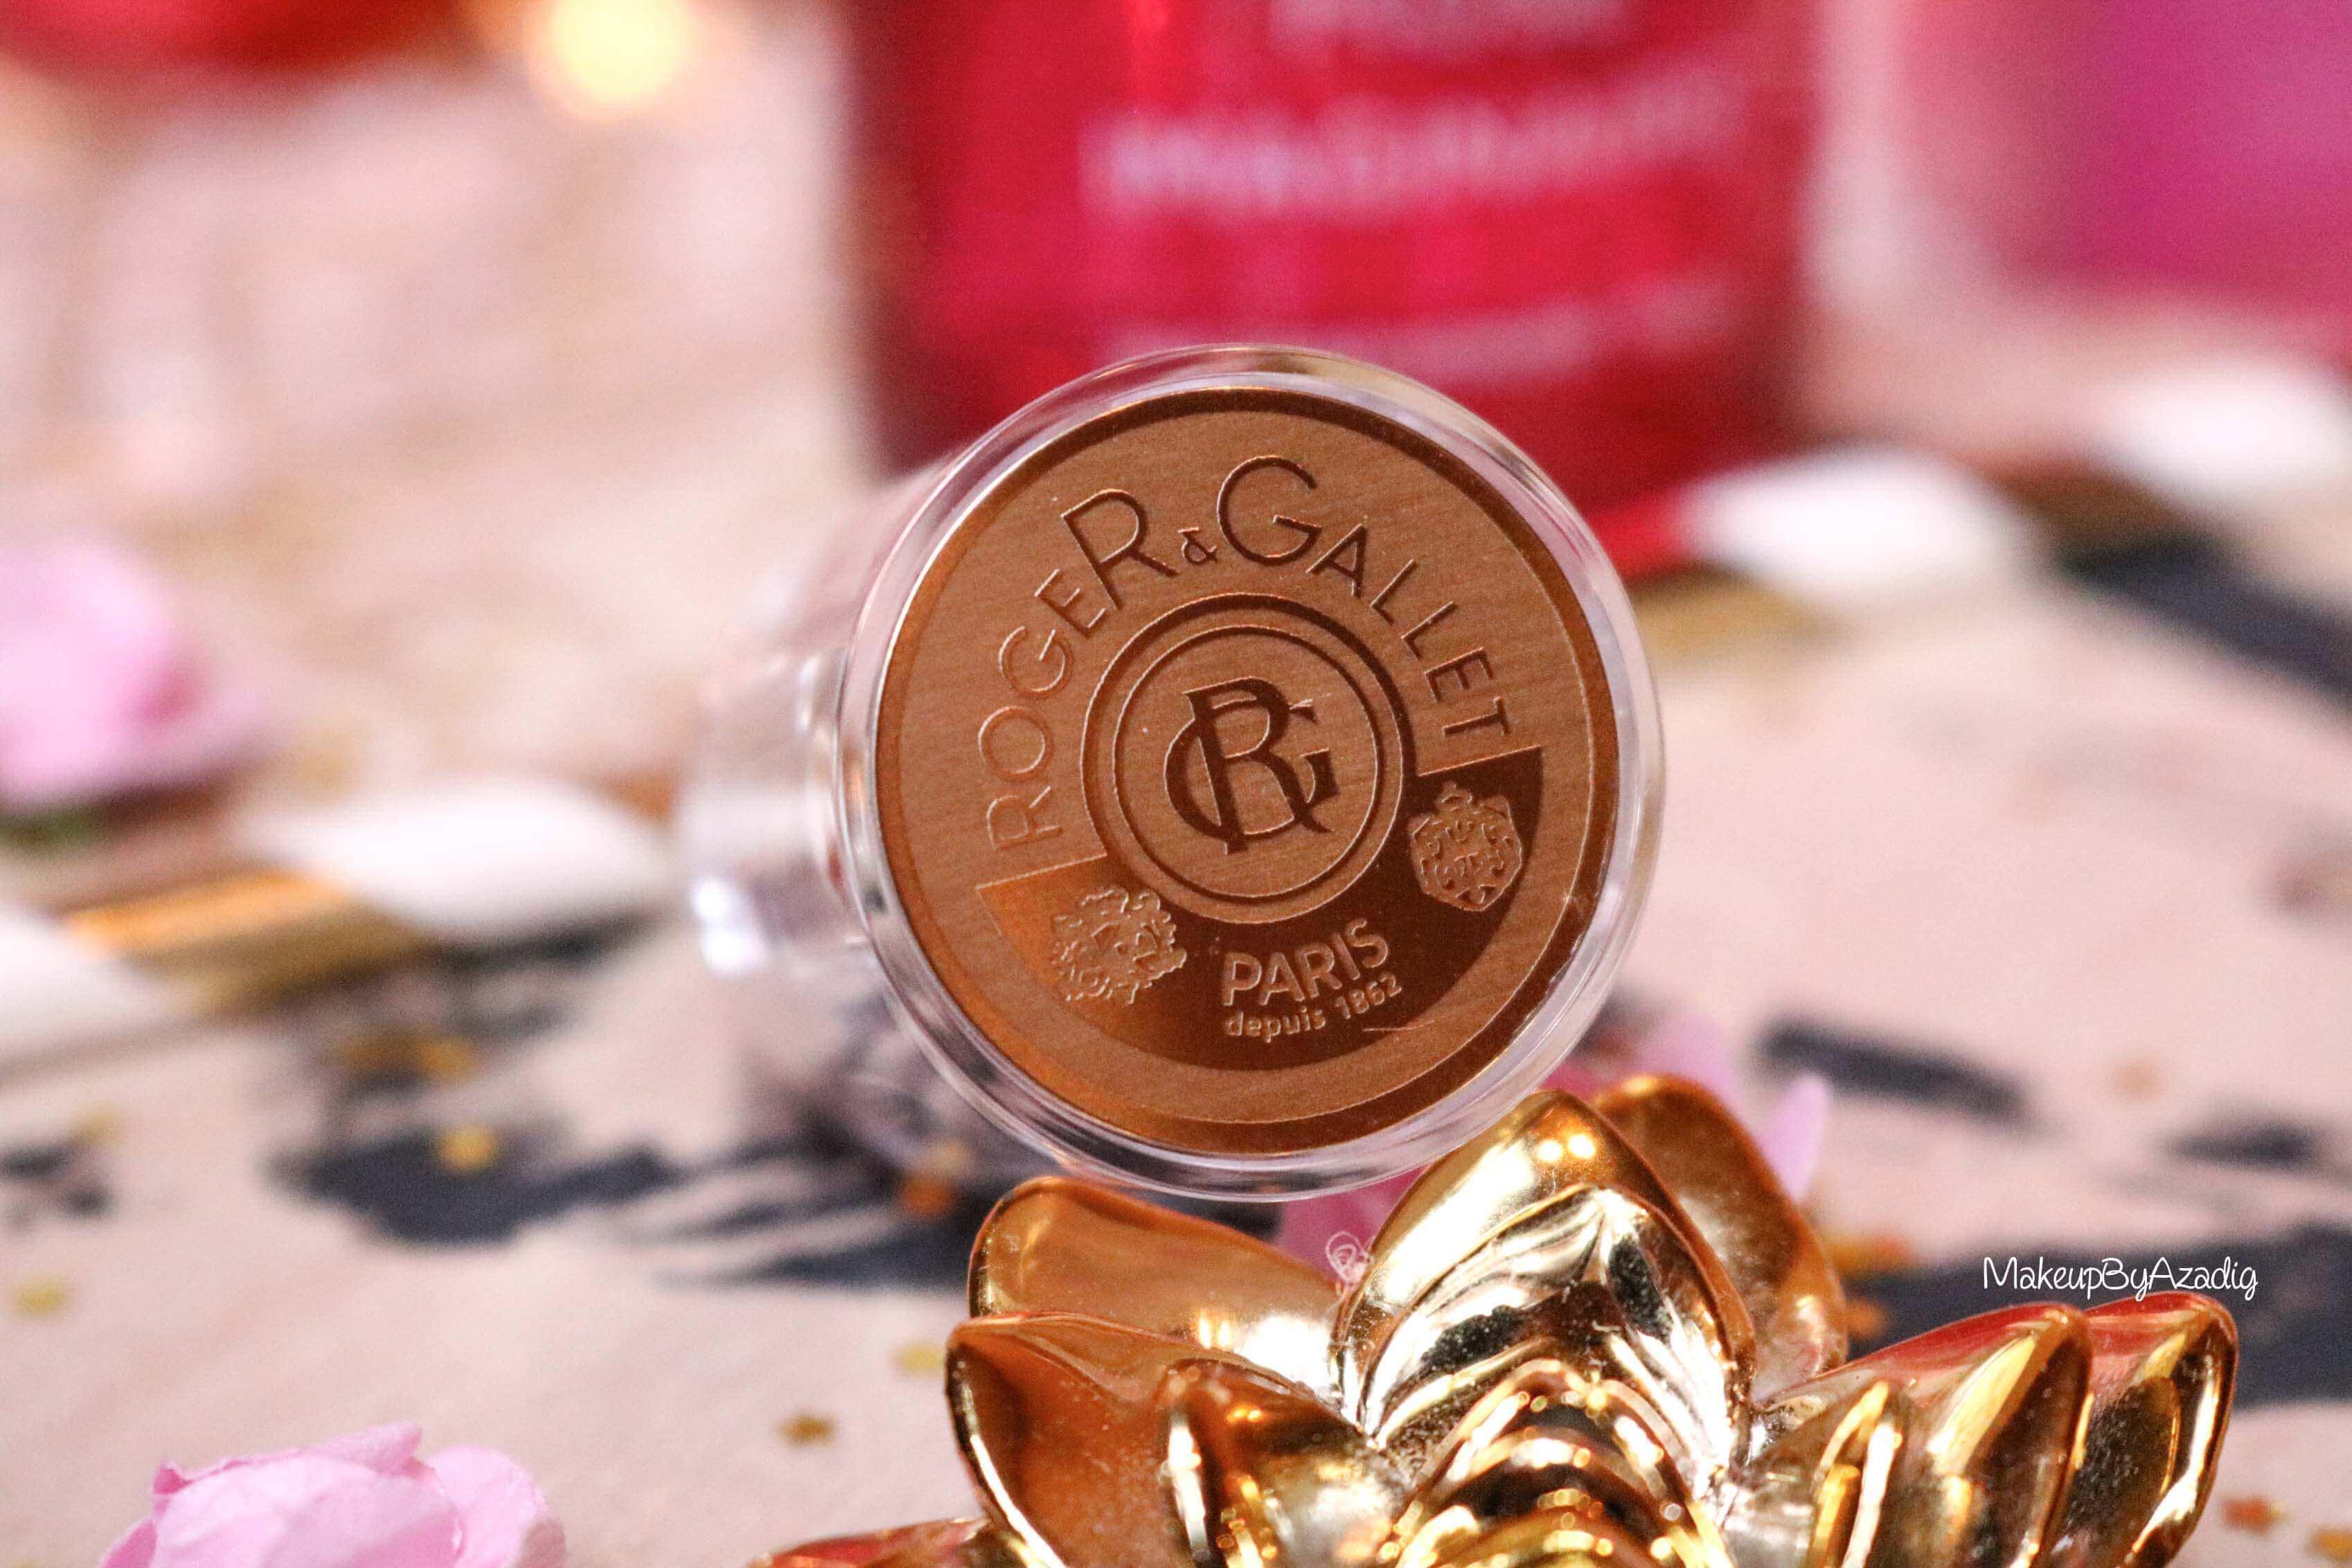 revue-eau-parfumee-bienfaisante-rose-imaginaire-roger-gallet-makeupbyazadig-parfum-bonne-tenue-avis-prix-monoprix-bouchon